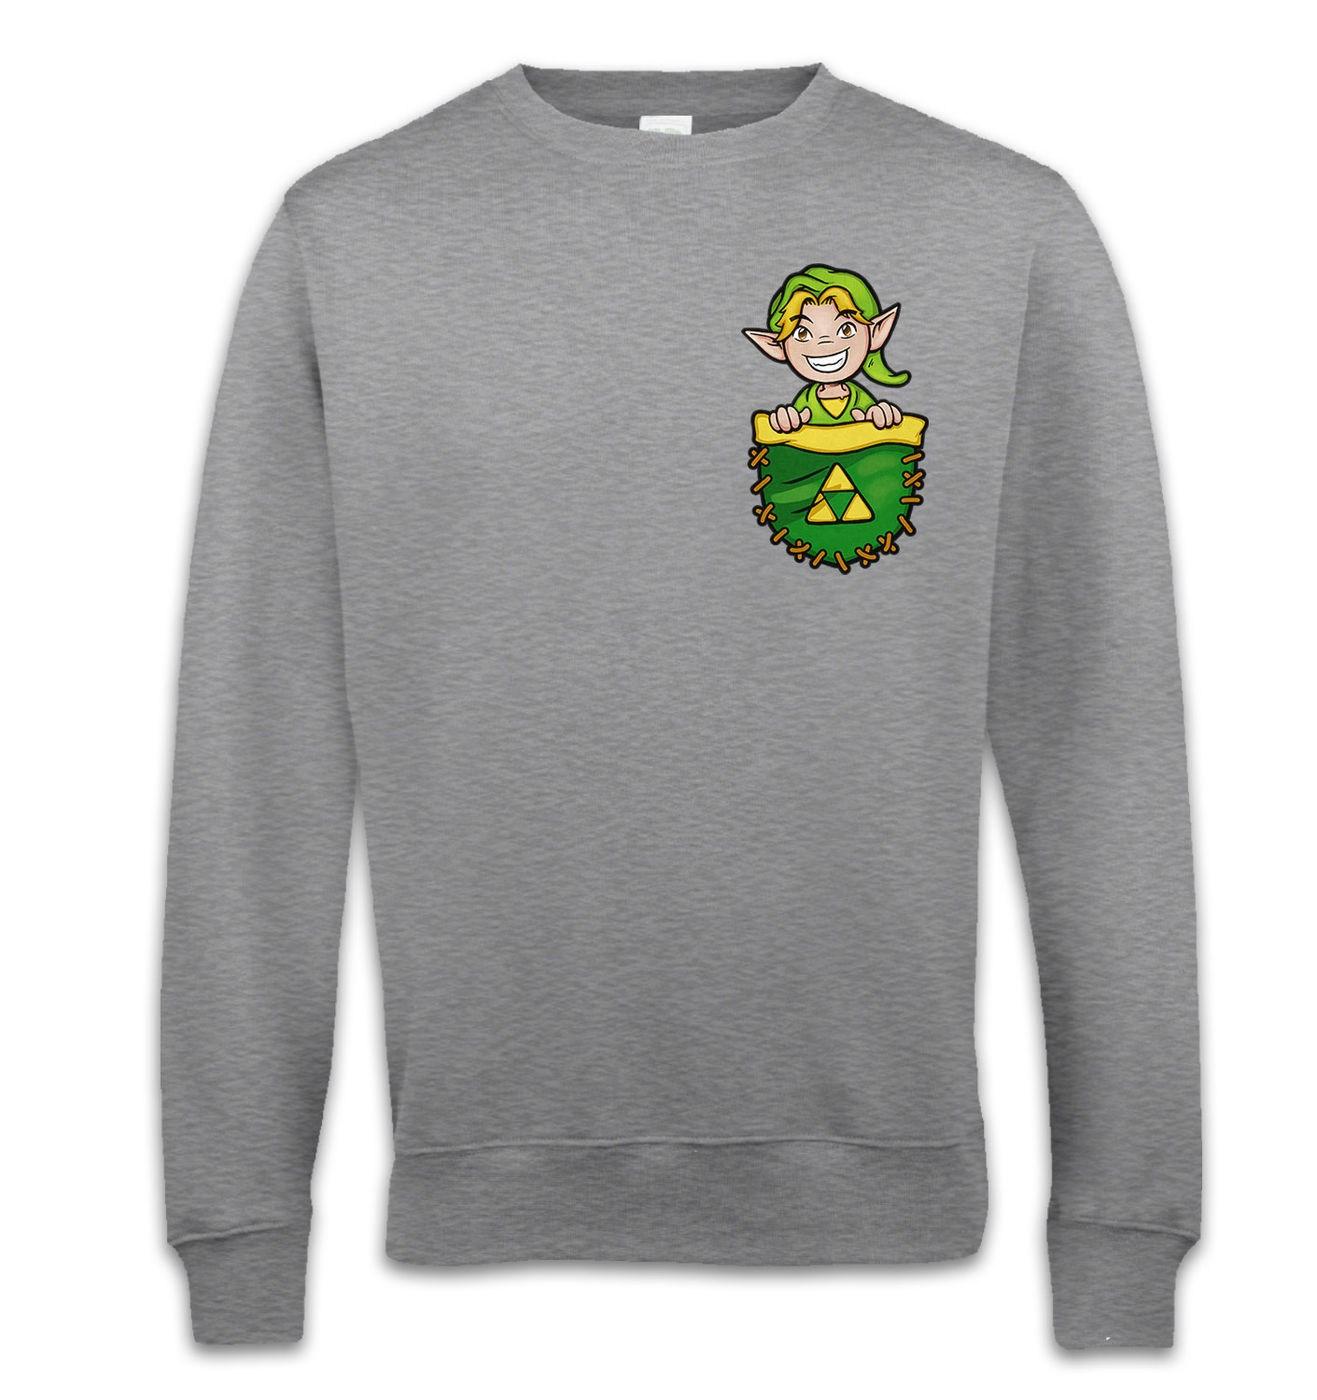 Pocket Hyrule Warrior sweatshirt by Something Geeky